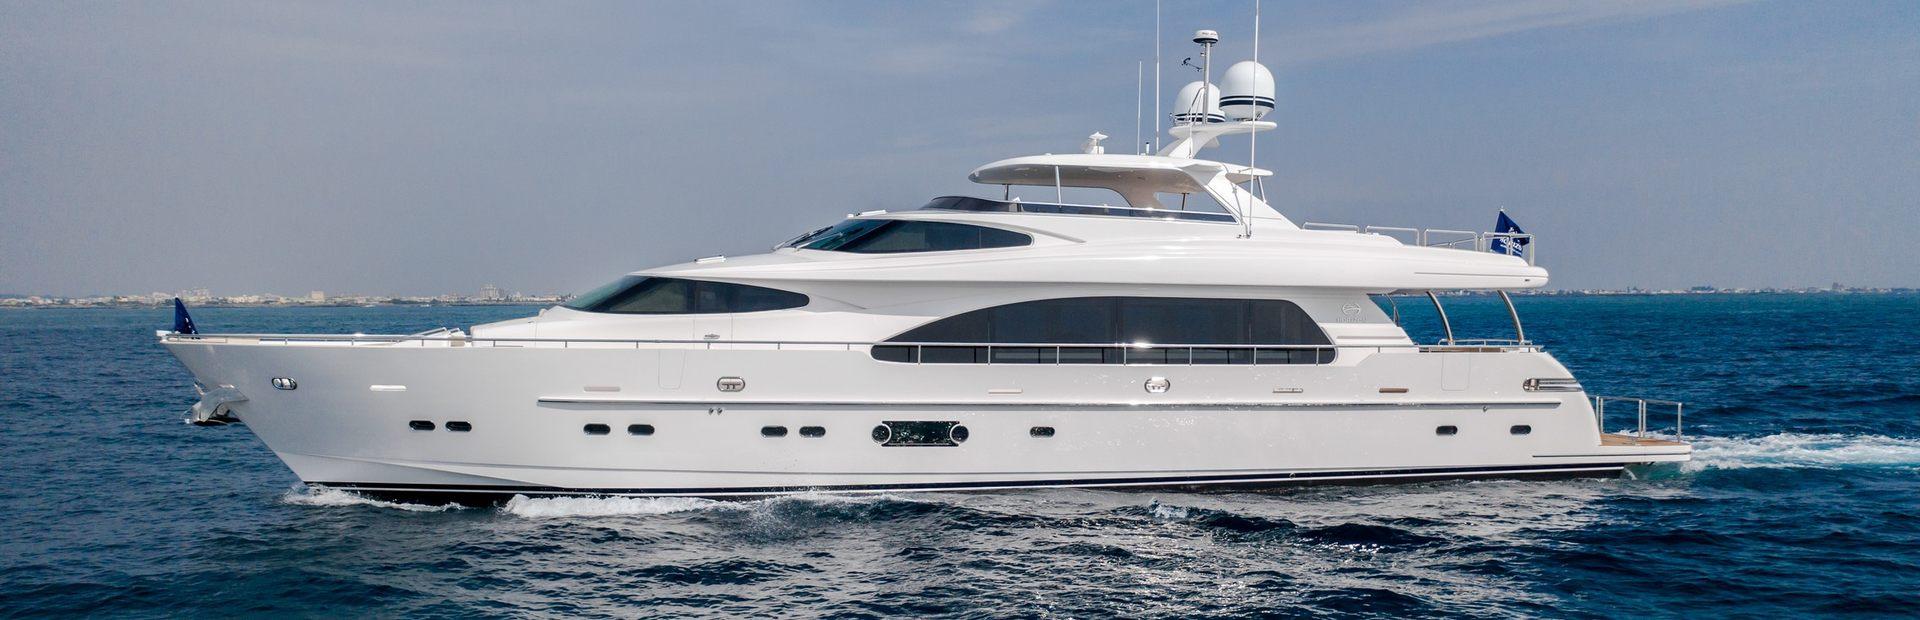 RP97 Yacht Charter